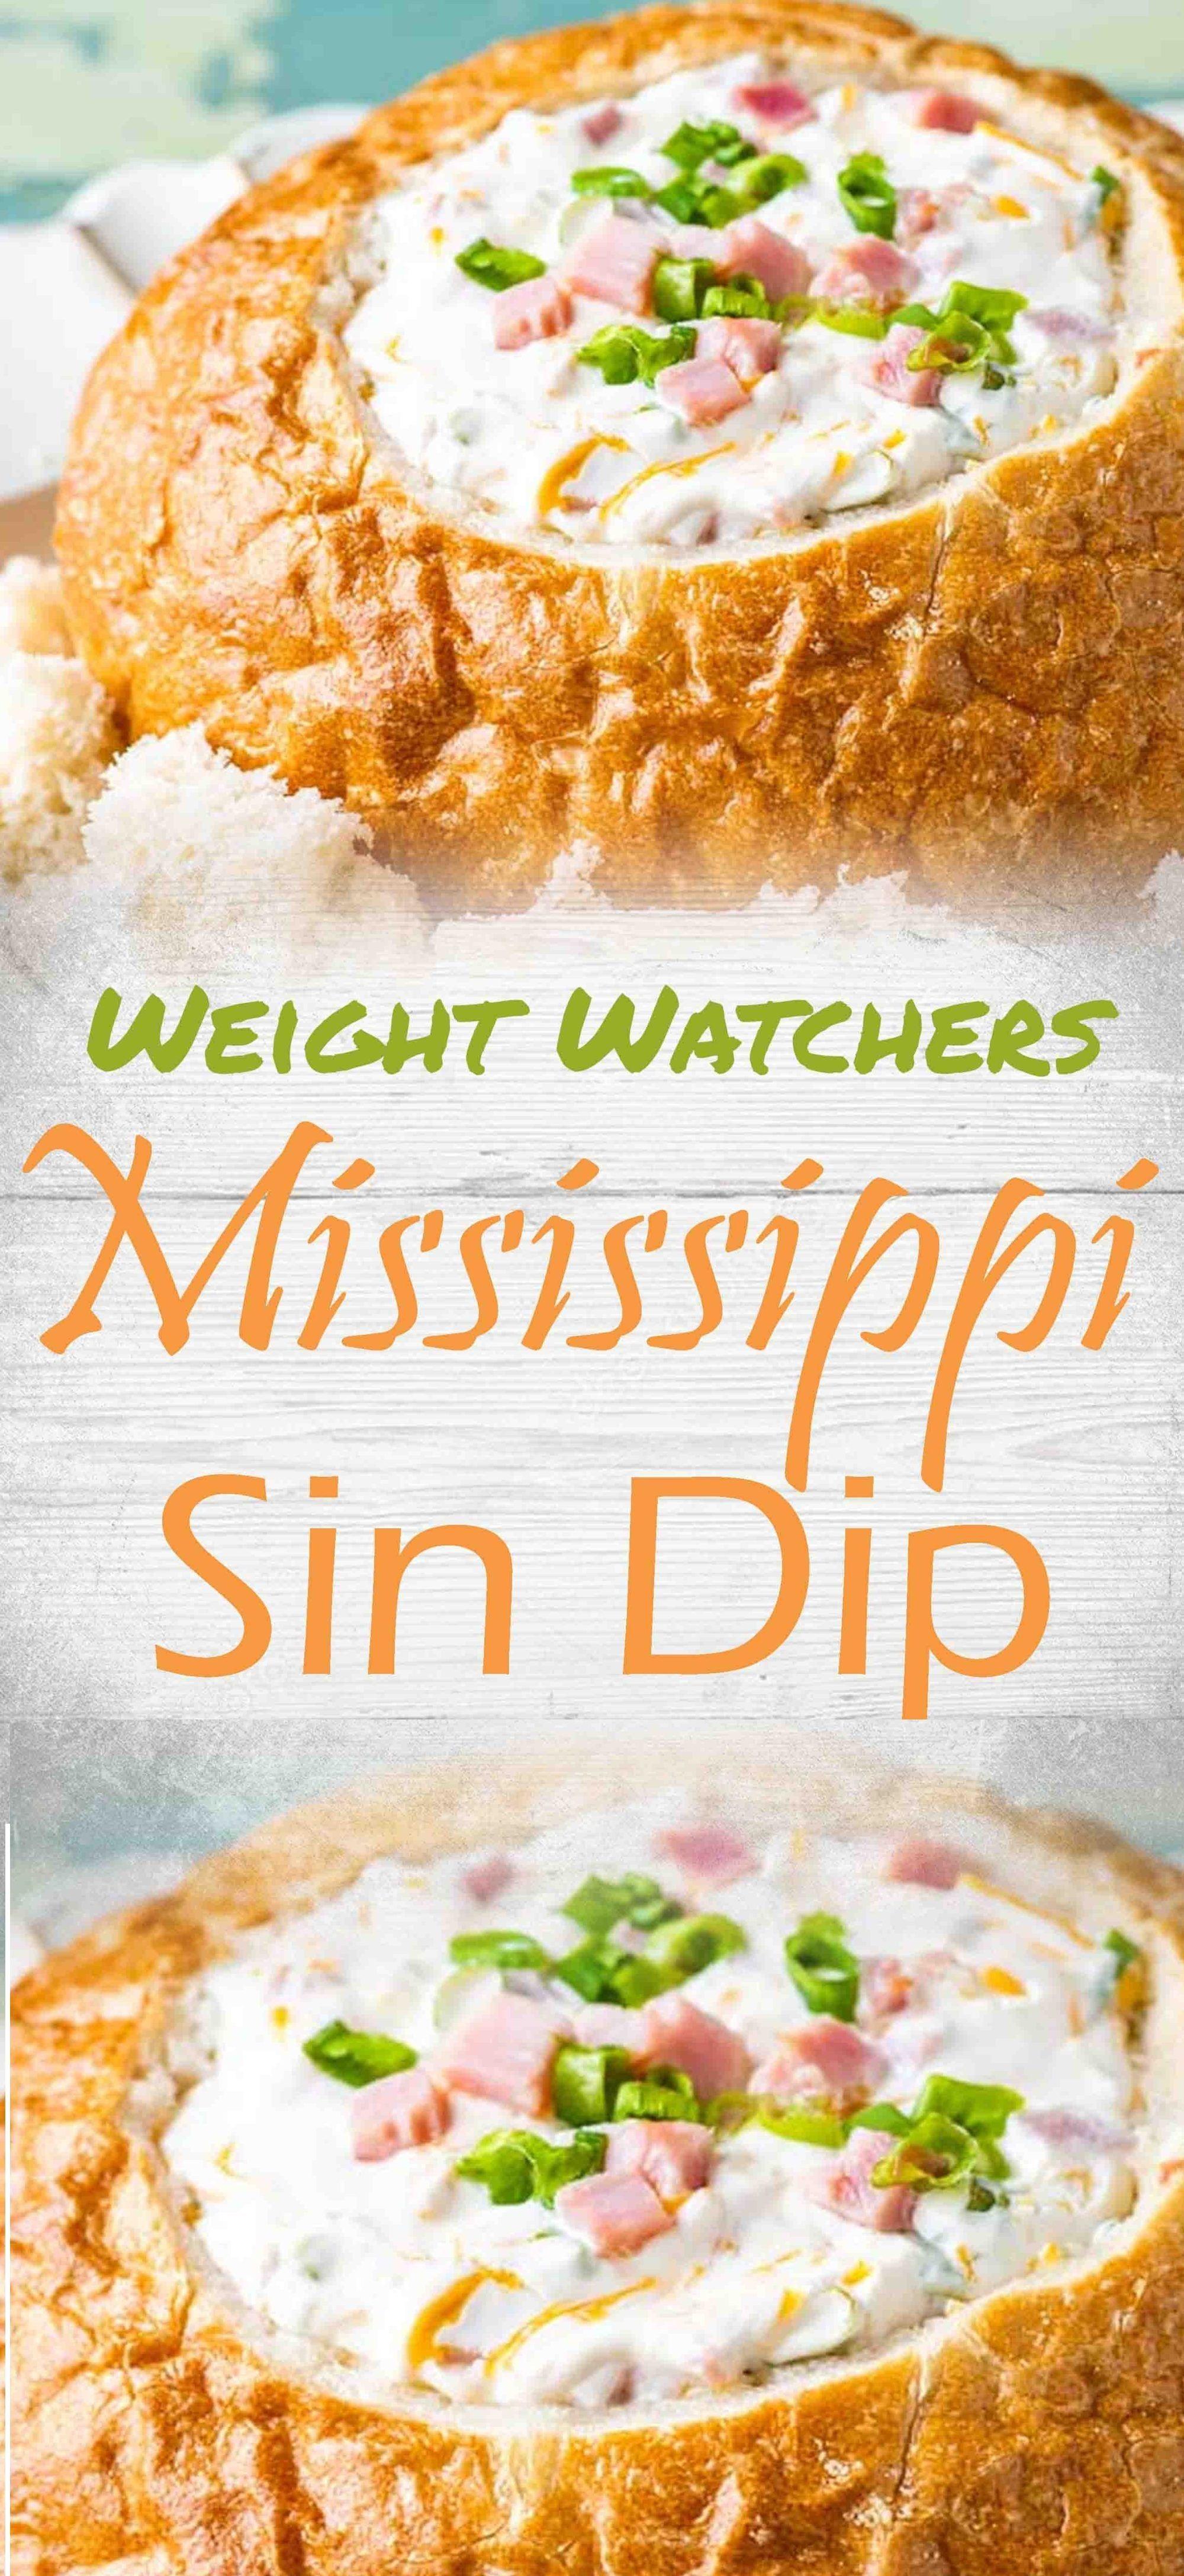 Mississippi Sin Dip (Weight Watchers) #ww #weightwatchers